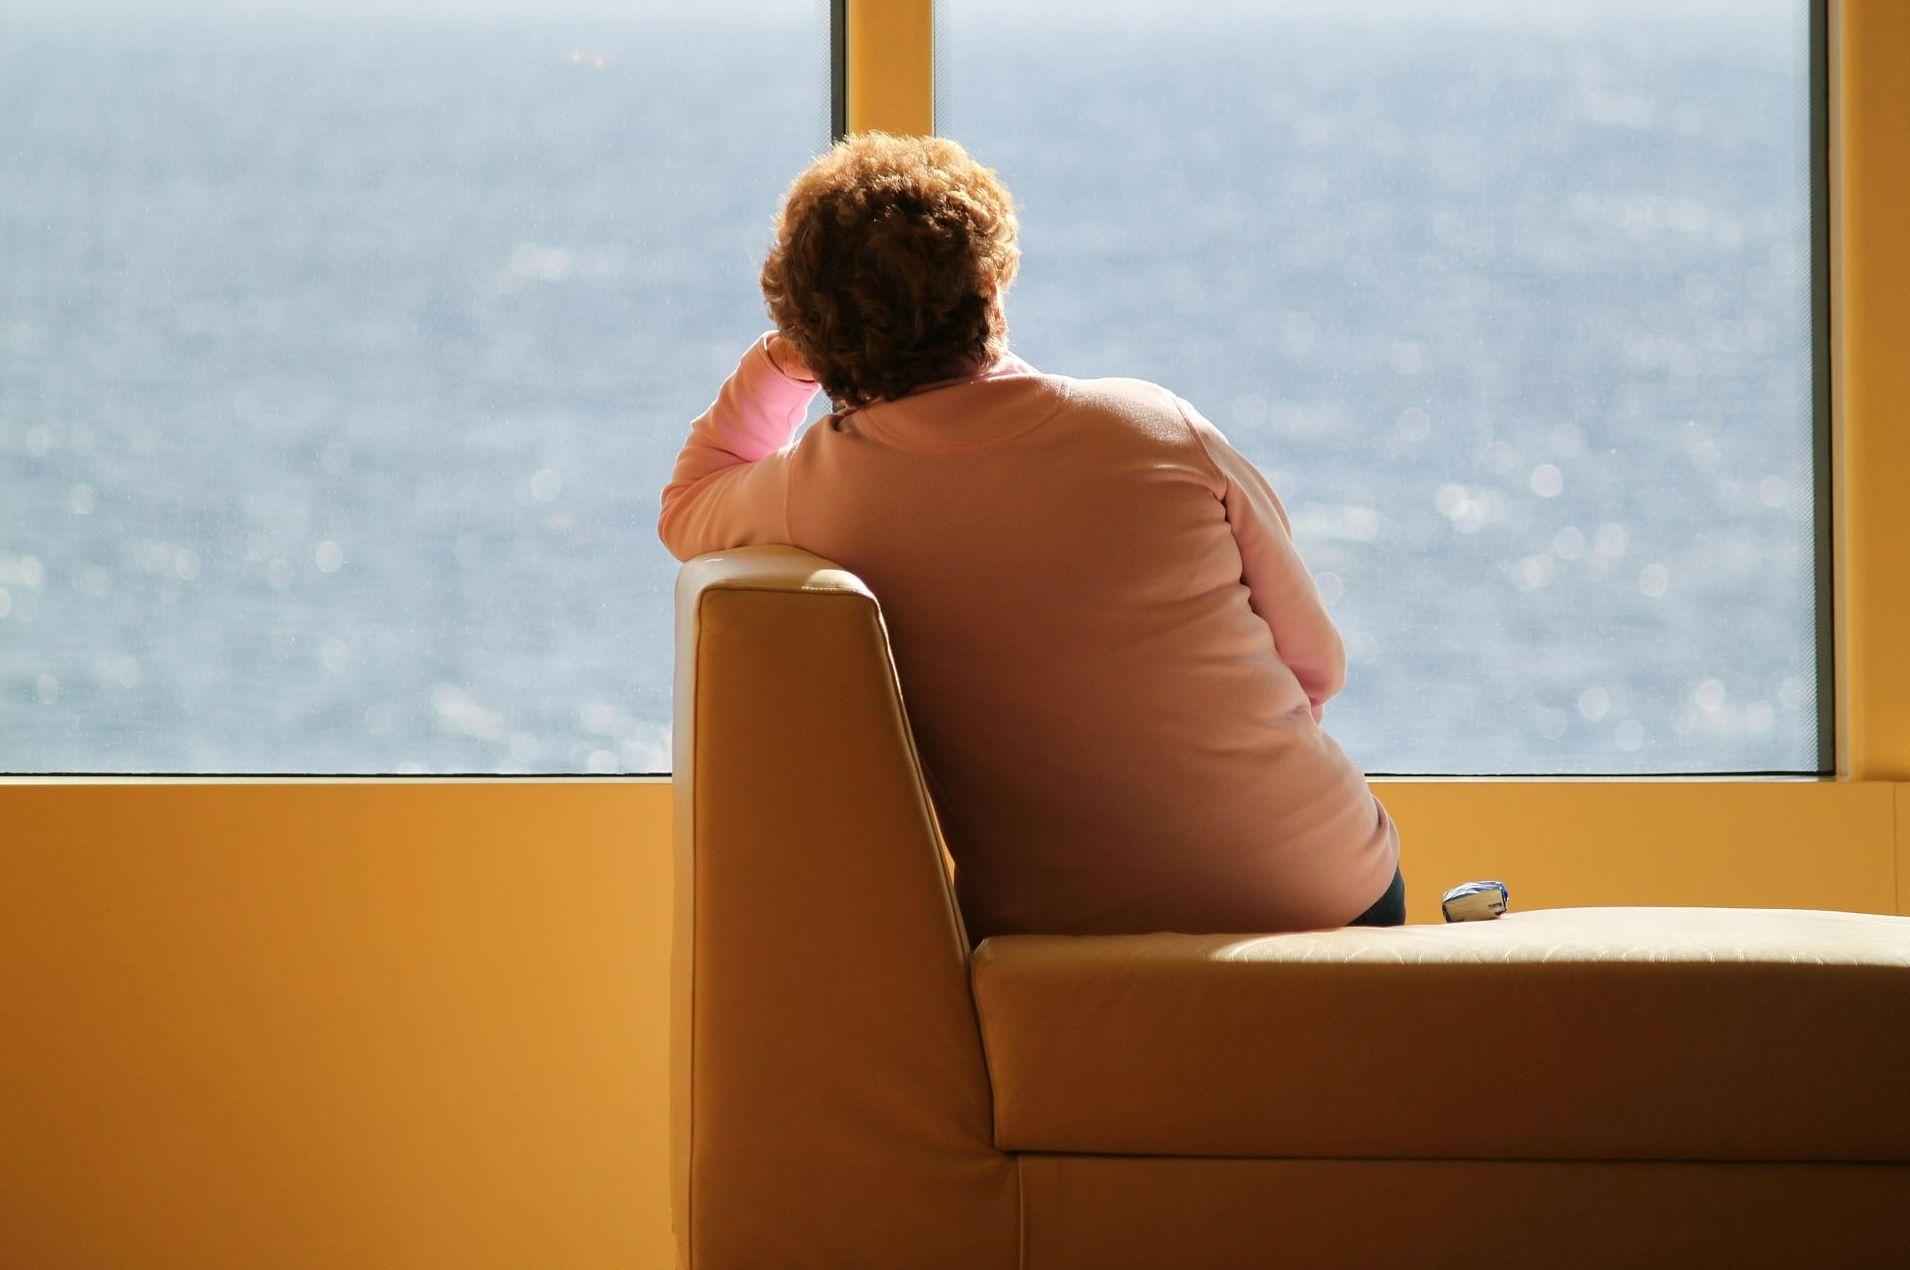 Tratamiento de la ansiedad y la depresión  en Leganés